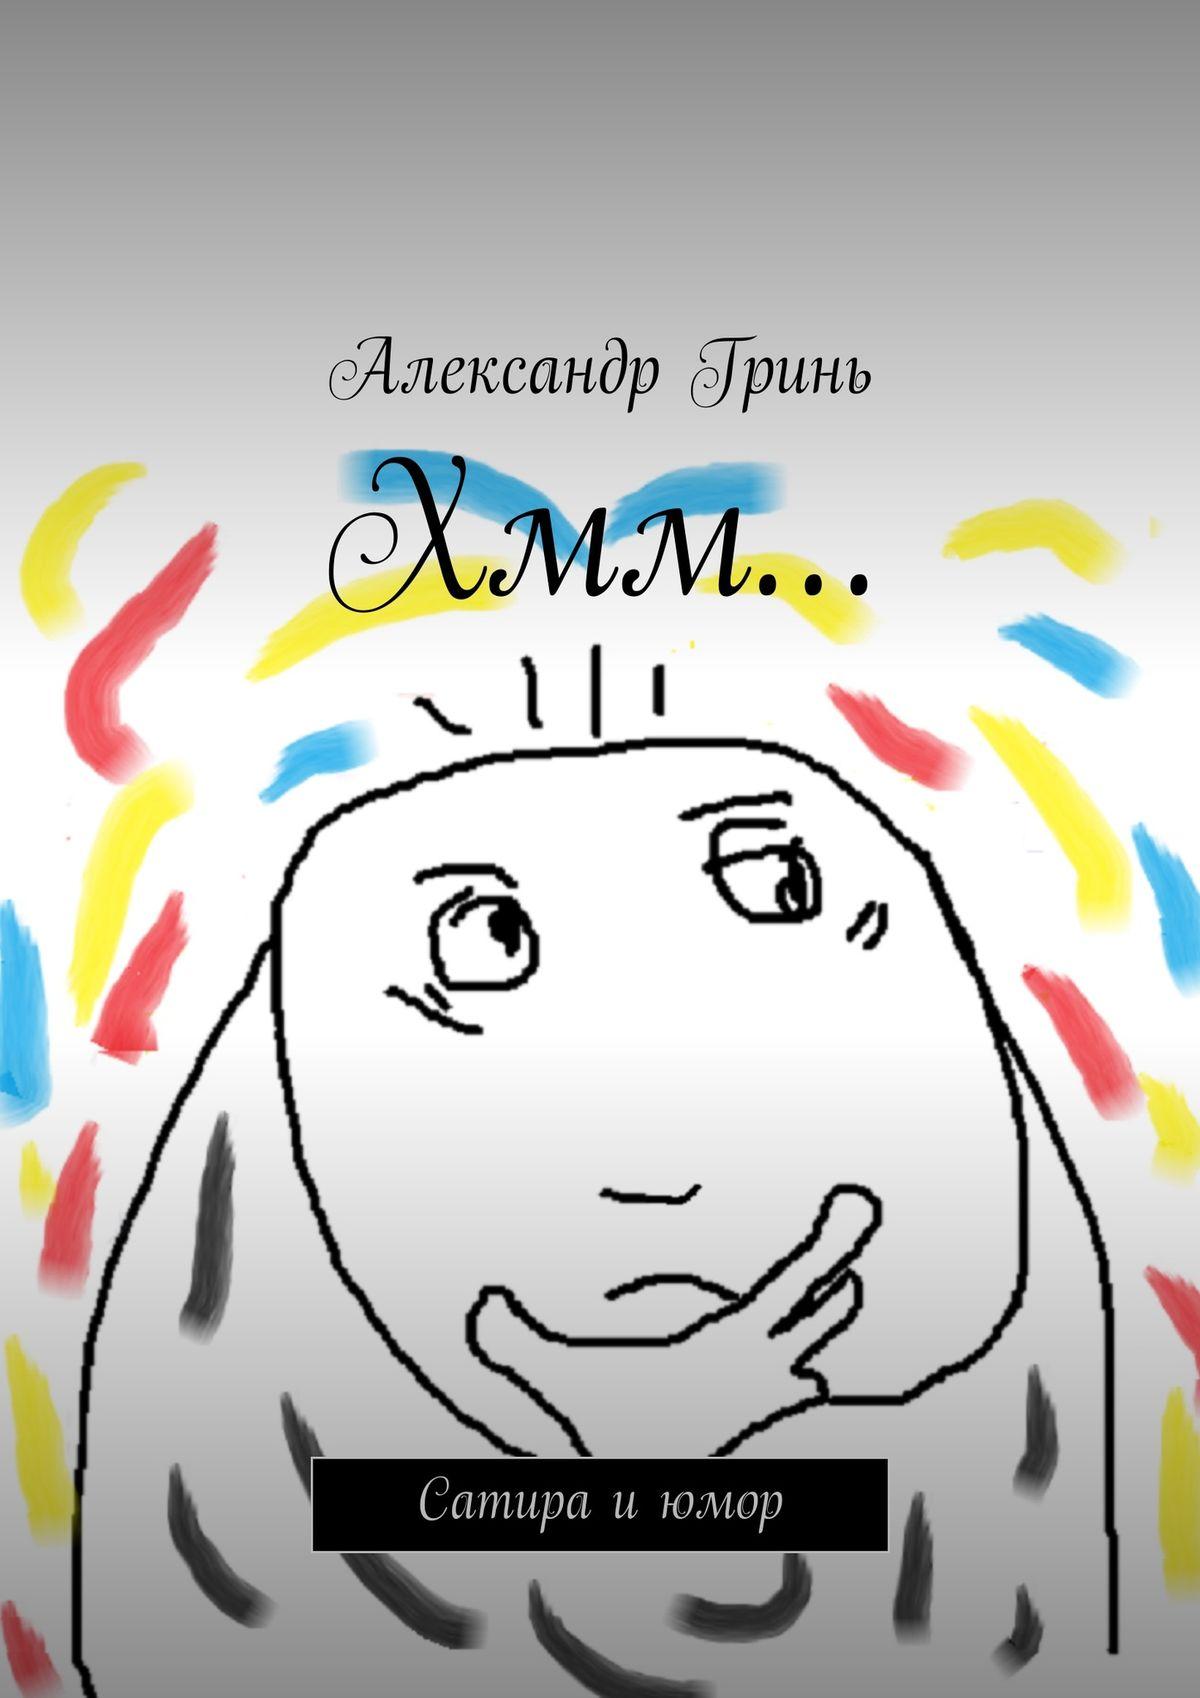 Александр Гринь Хмм… Сатира июмор